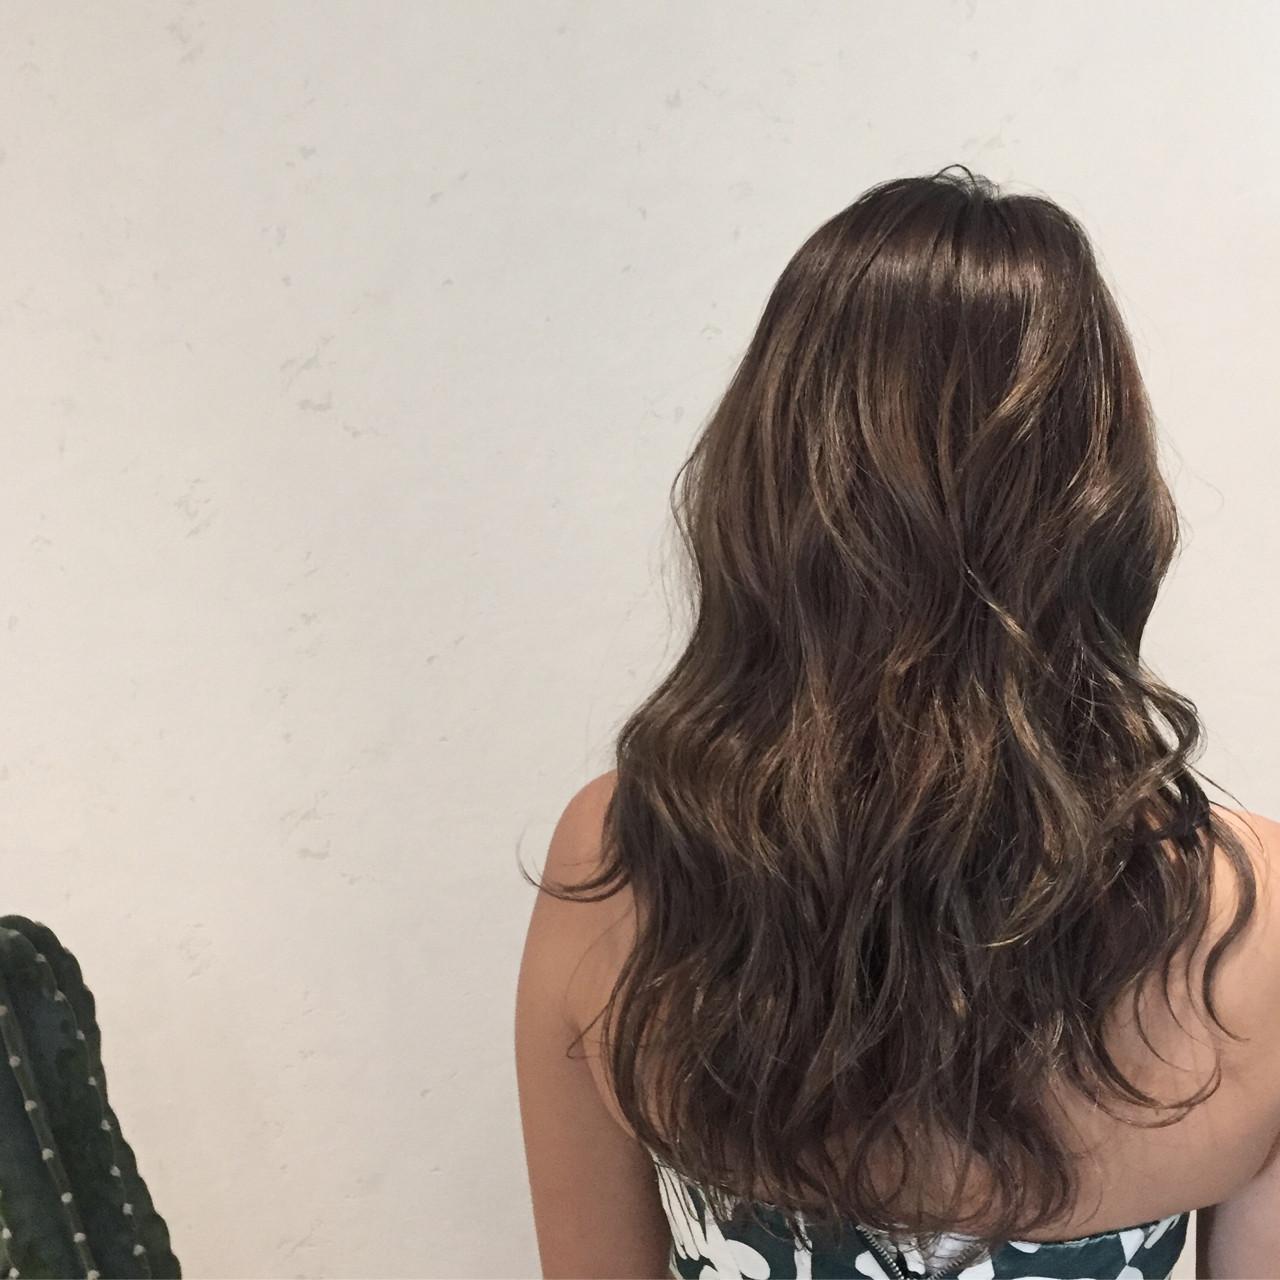 ロング 涼しげ 夏 ヘアアレンジ ヘアスタイルや髪型の写真・画像 | Misaki Arima / Hammock hair salon cocona